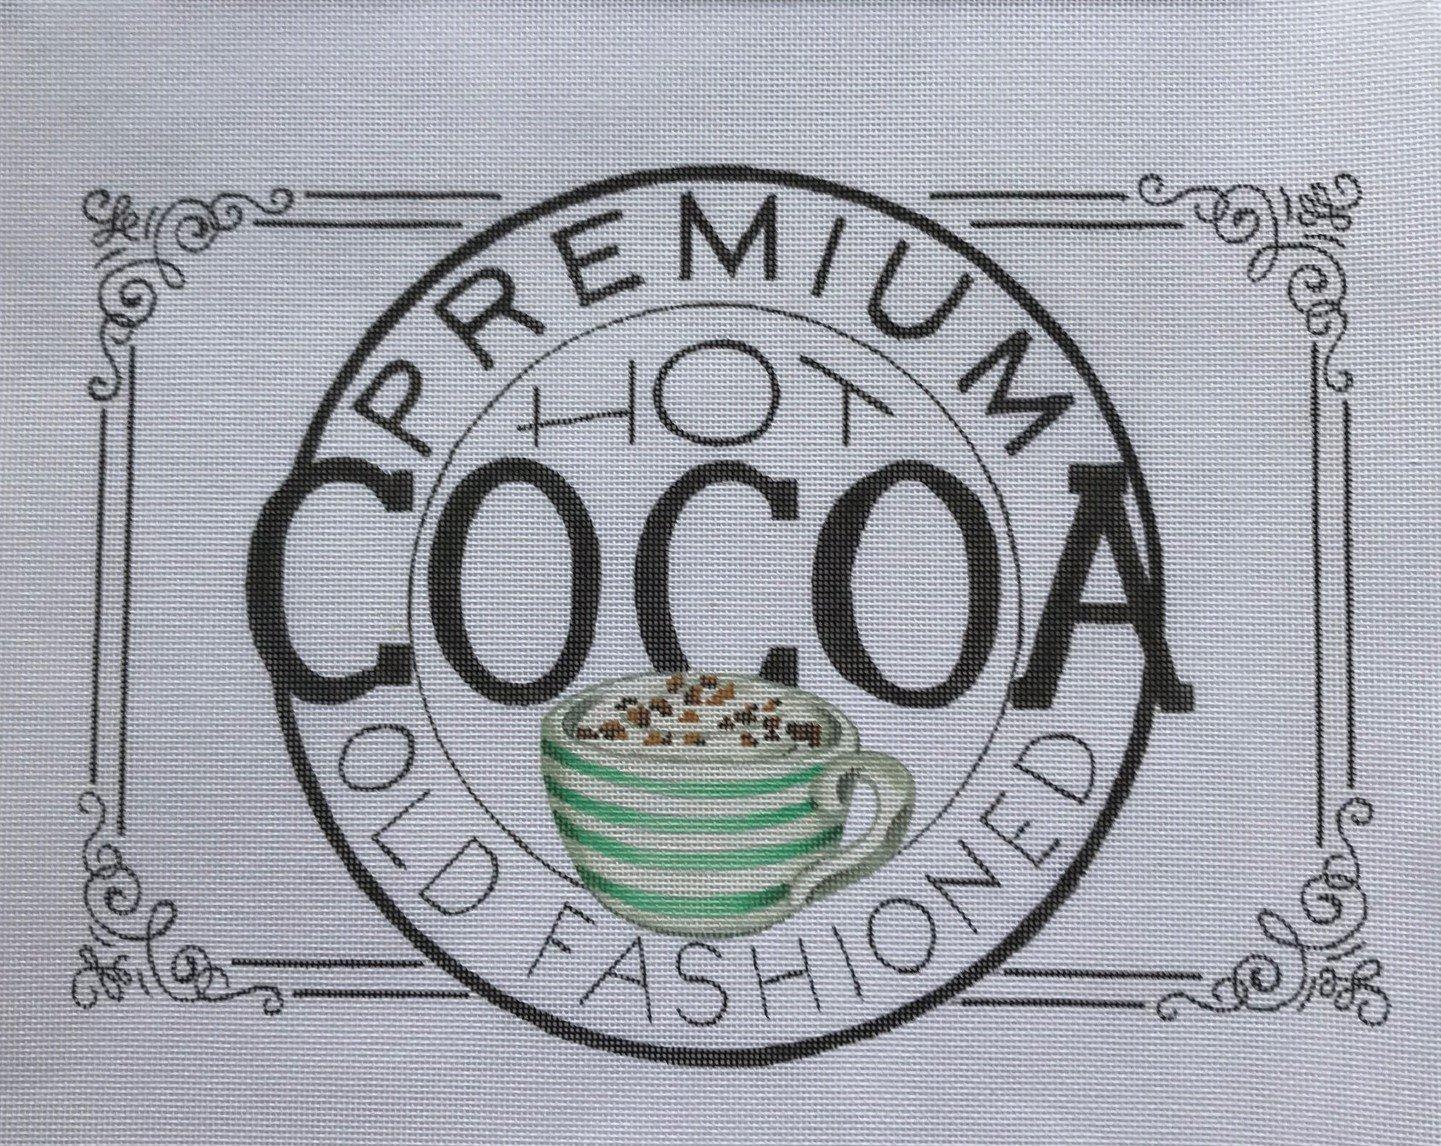 PPD/NTHC11 Premium Coca Sign